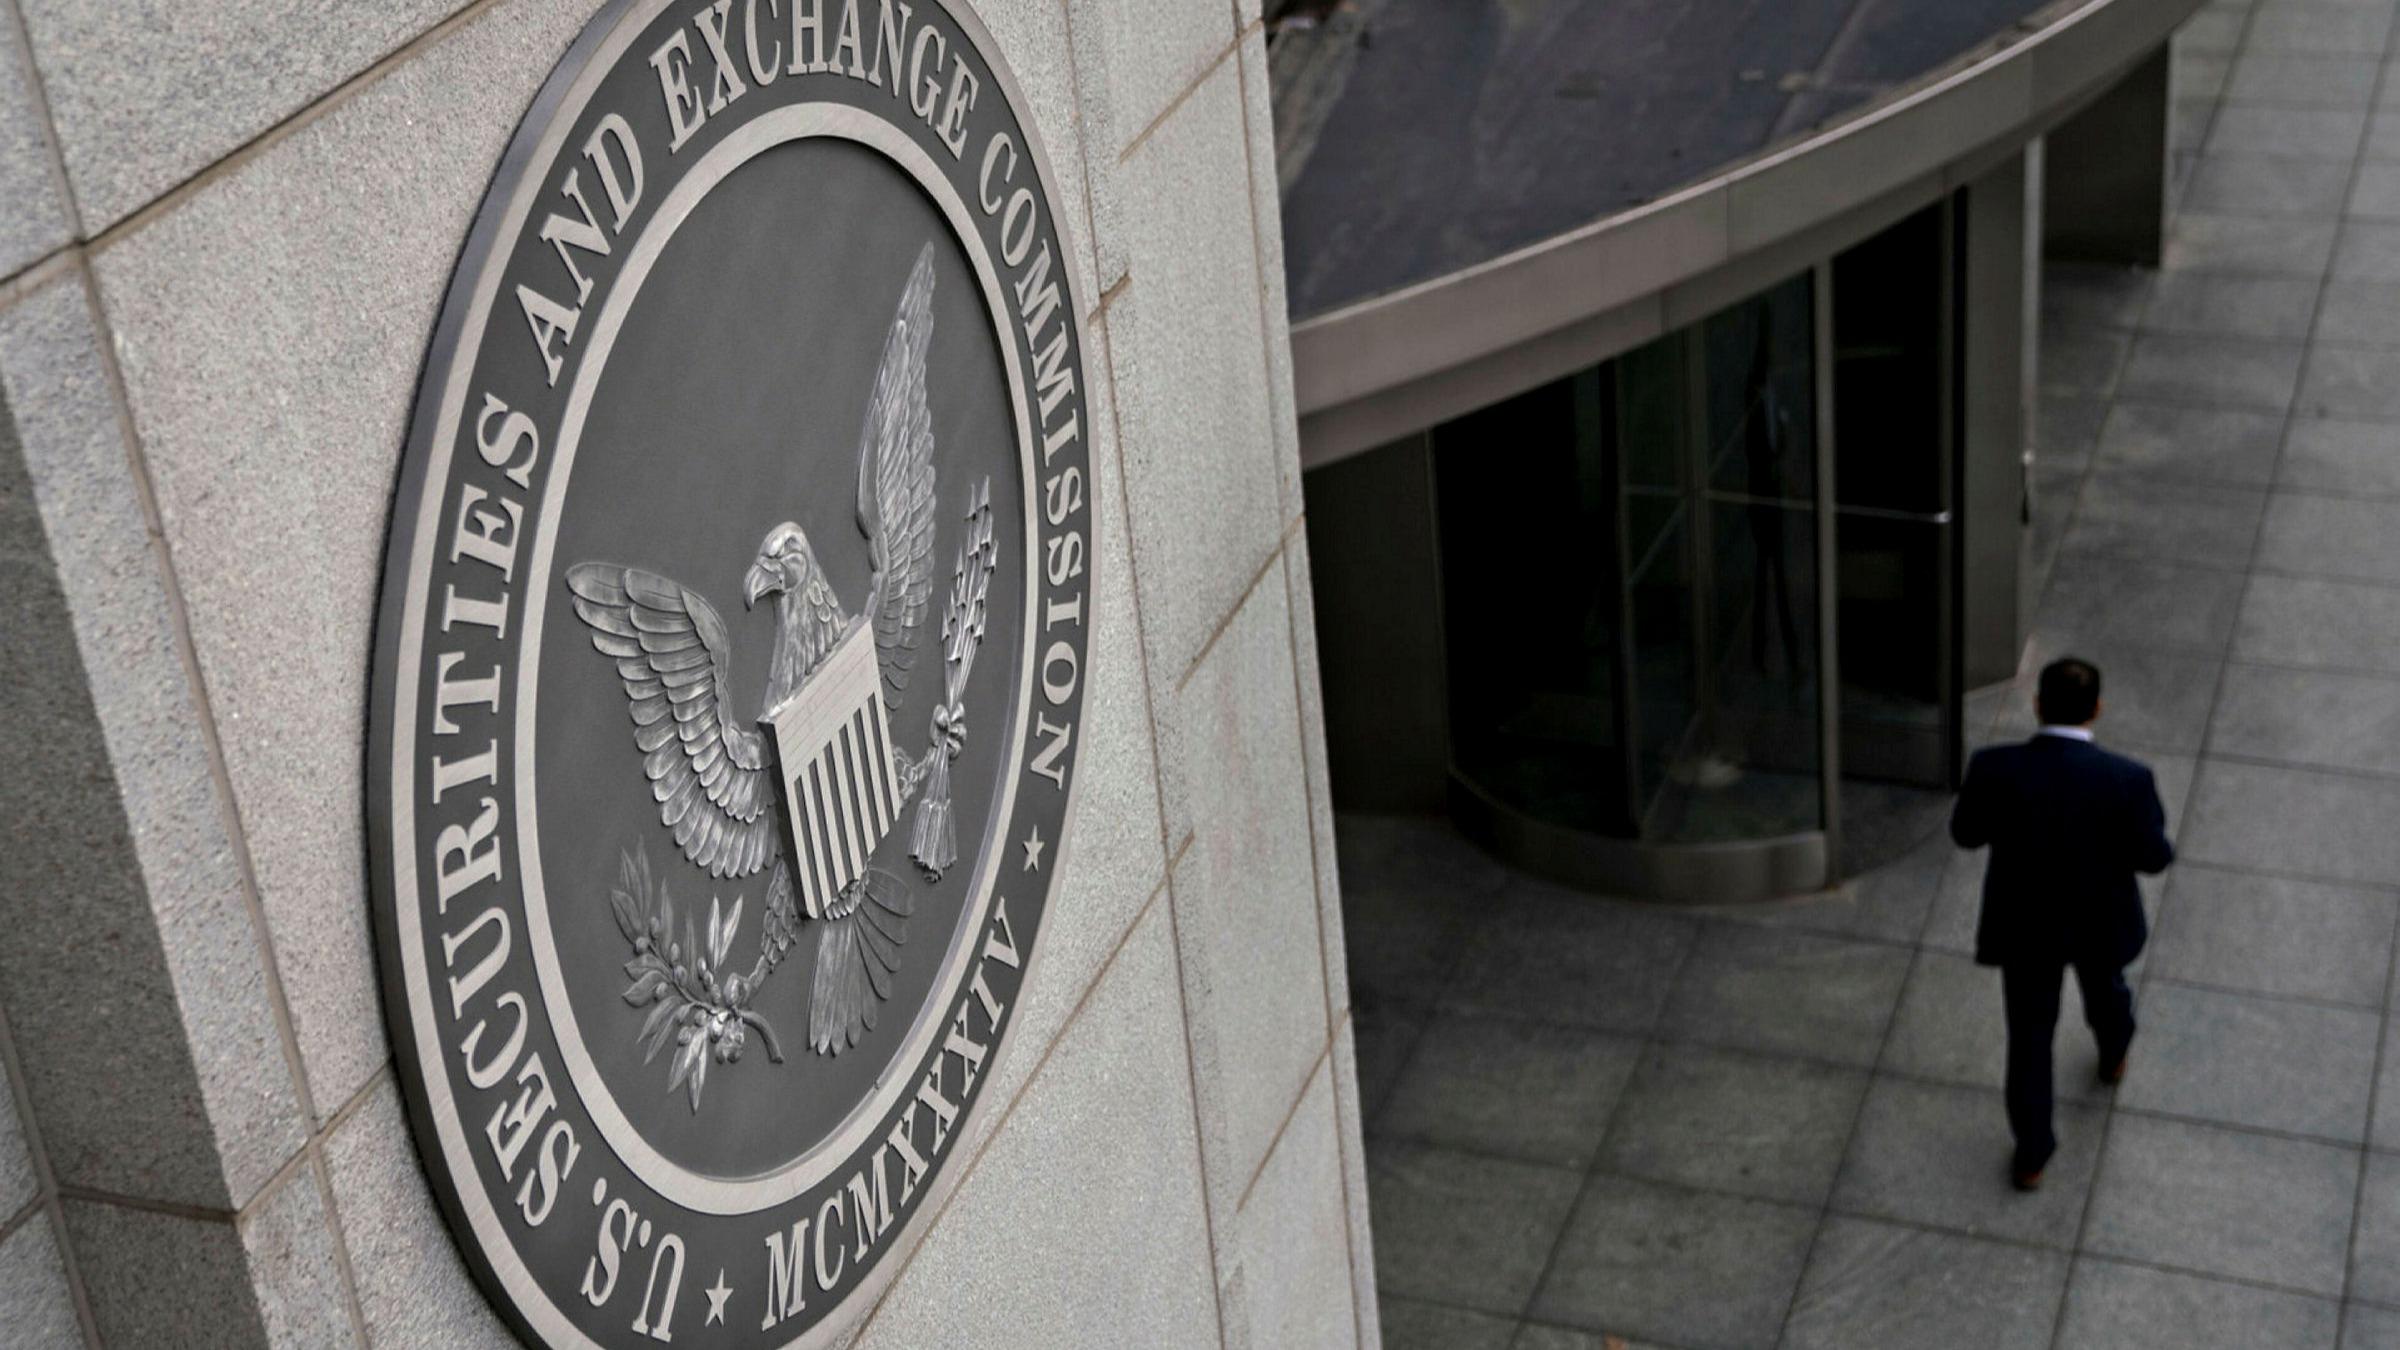 Mỹ sẽ cố gắng hết sức để giám sát thị trường tiền điện tử và kêu gọi Quốc hội cung cấp thêm nguồn lực